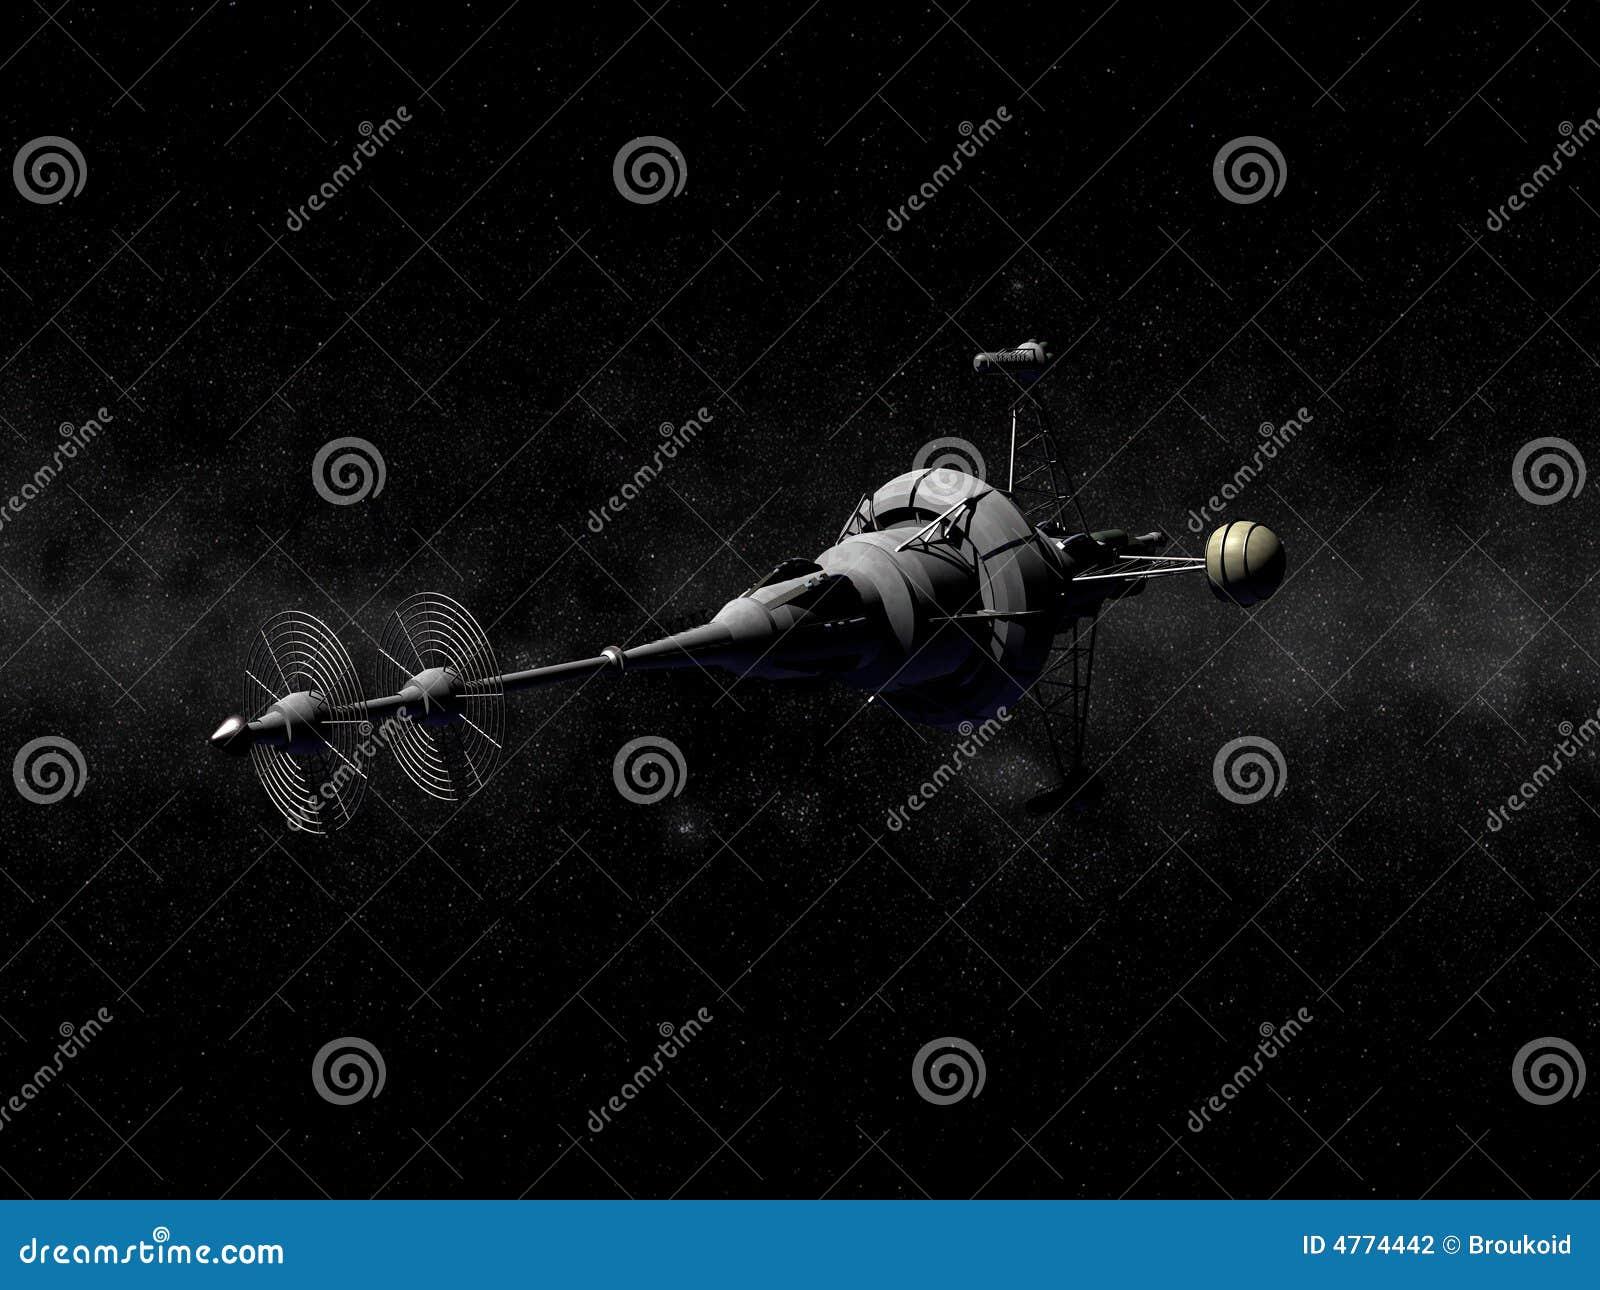 Nave espacial puntiaguda